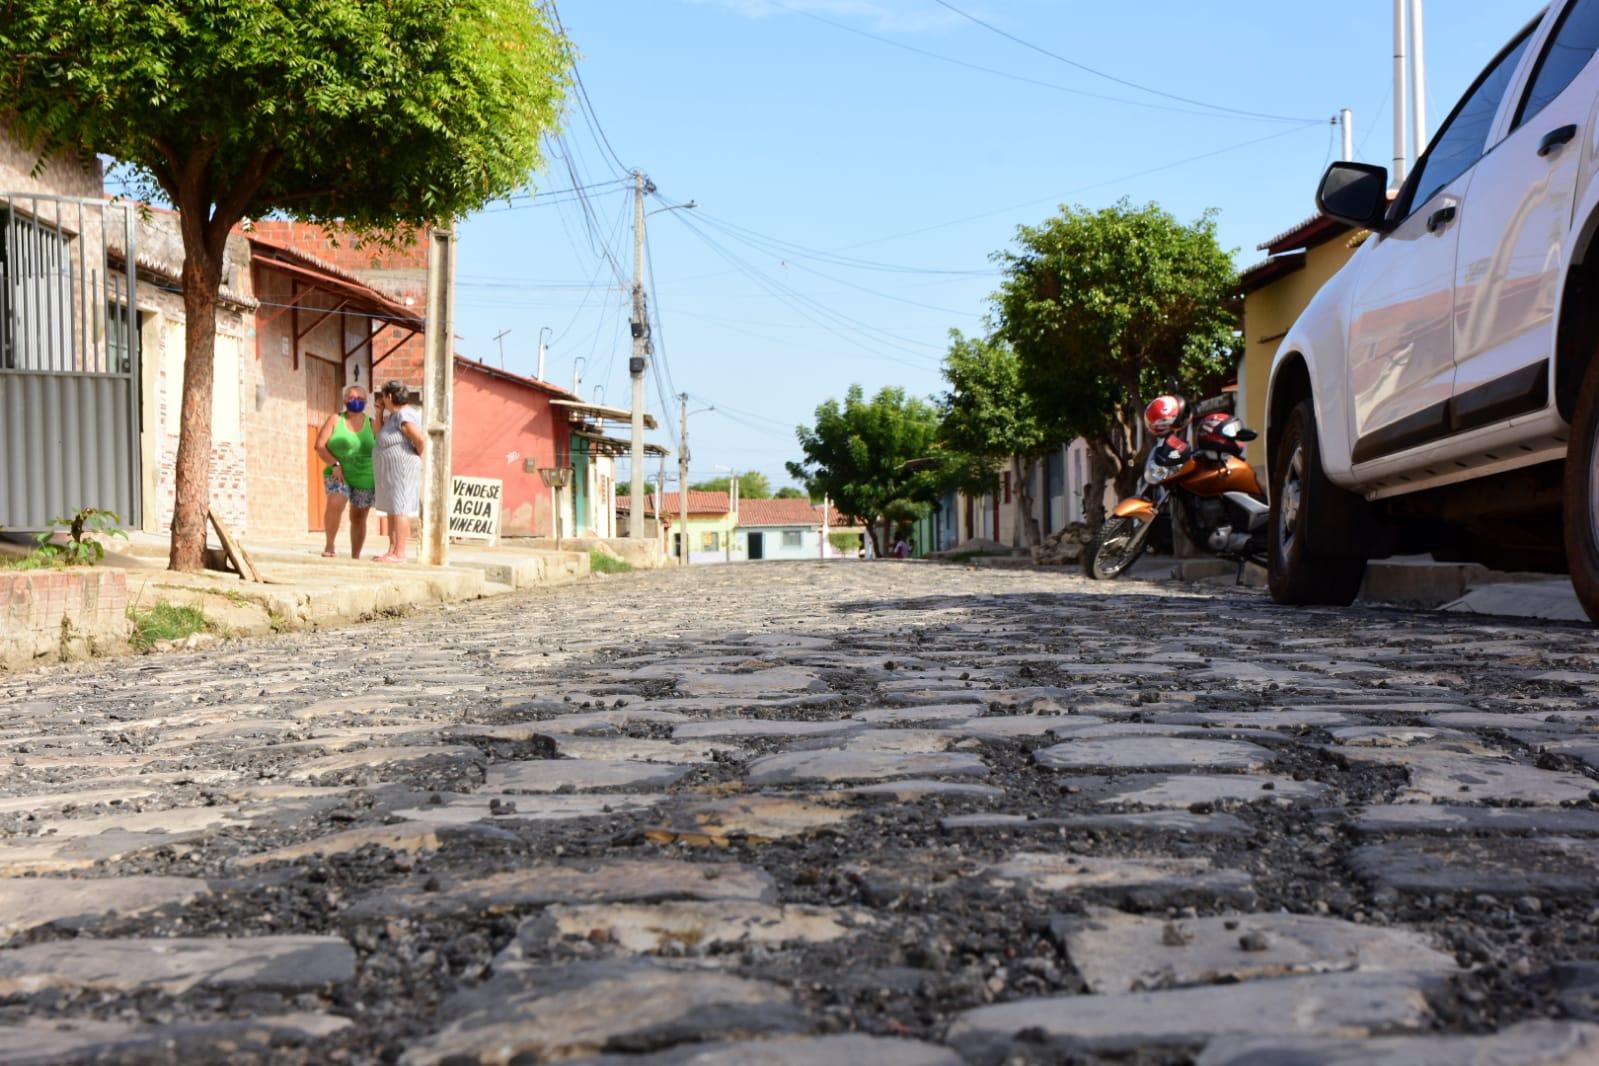 Prefeitura investe em obras de saneamento básico e pavimentação de ruas